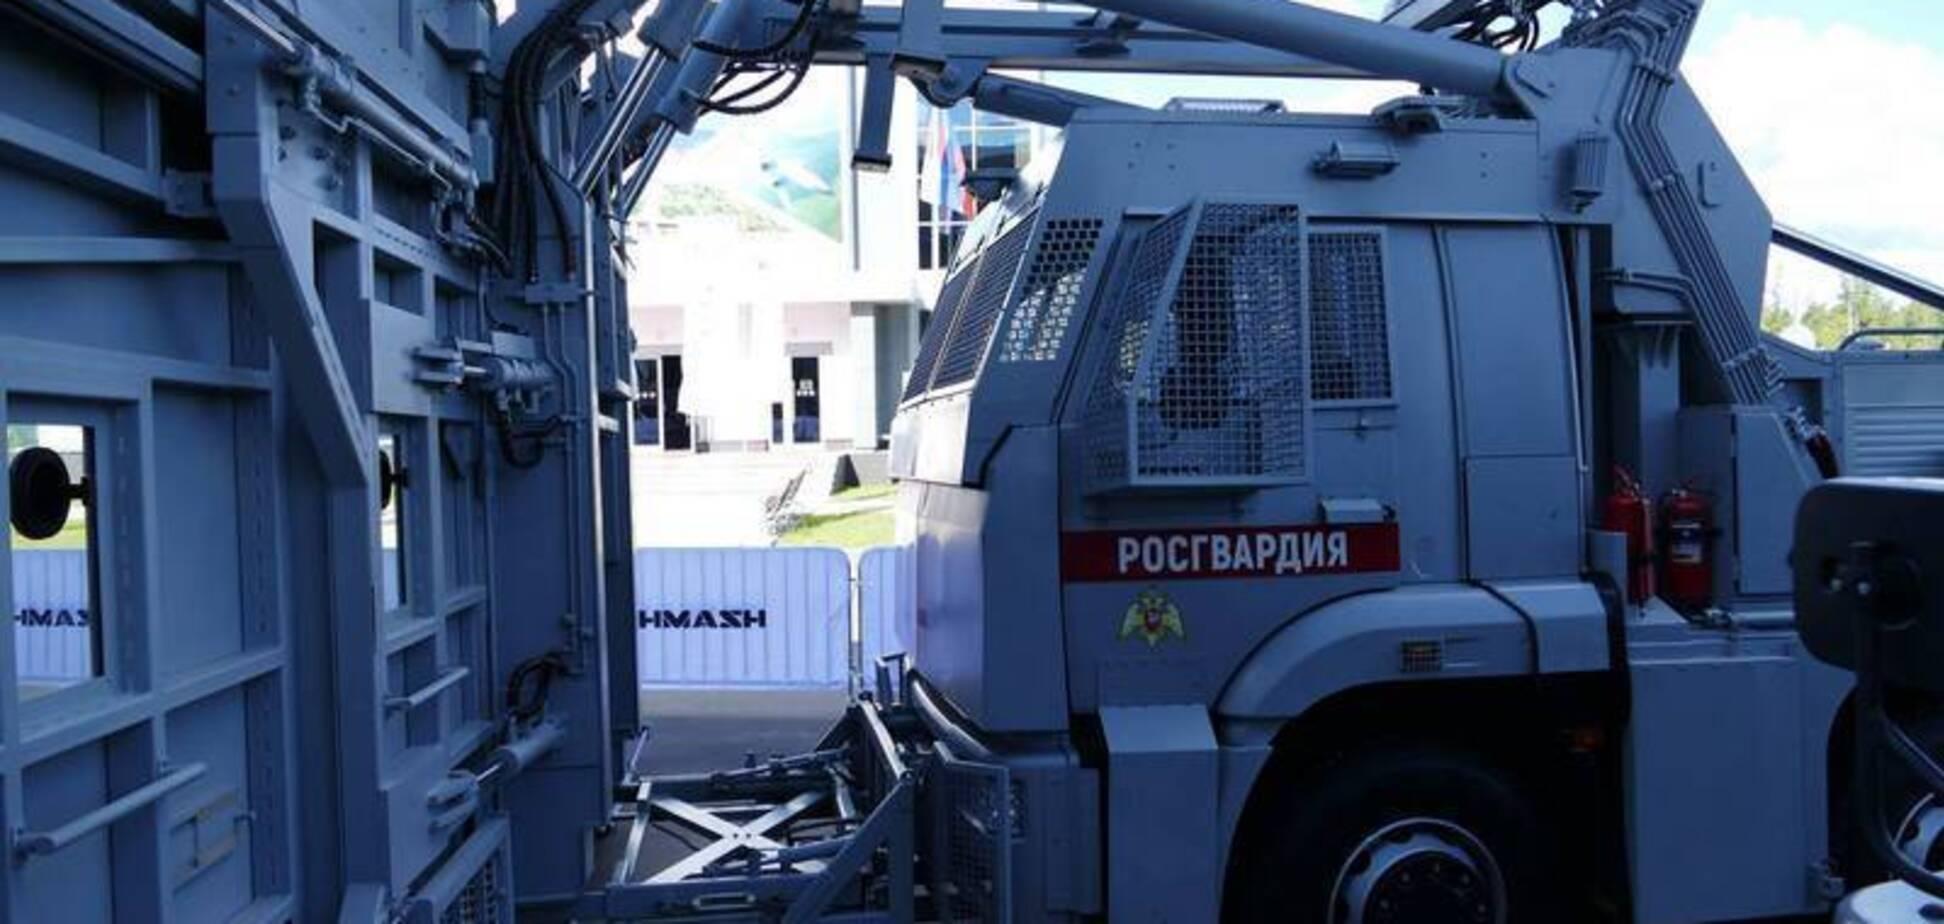 Изобретение российского военпрома: такого в мире нигде нет